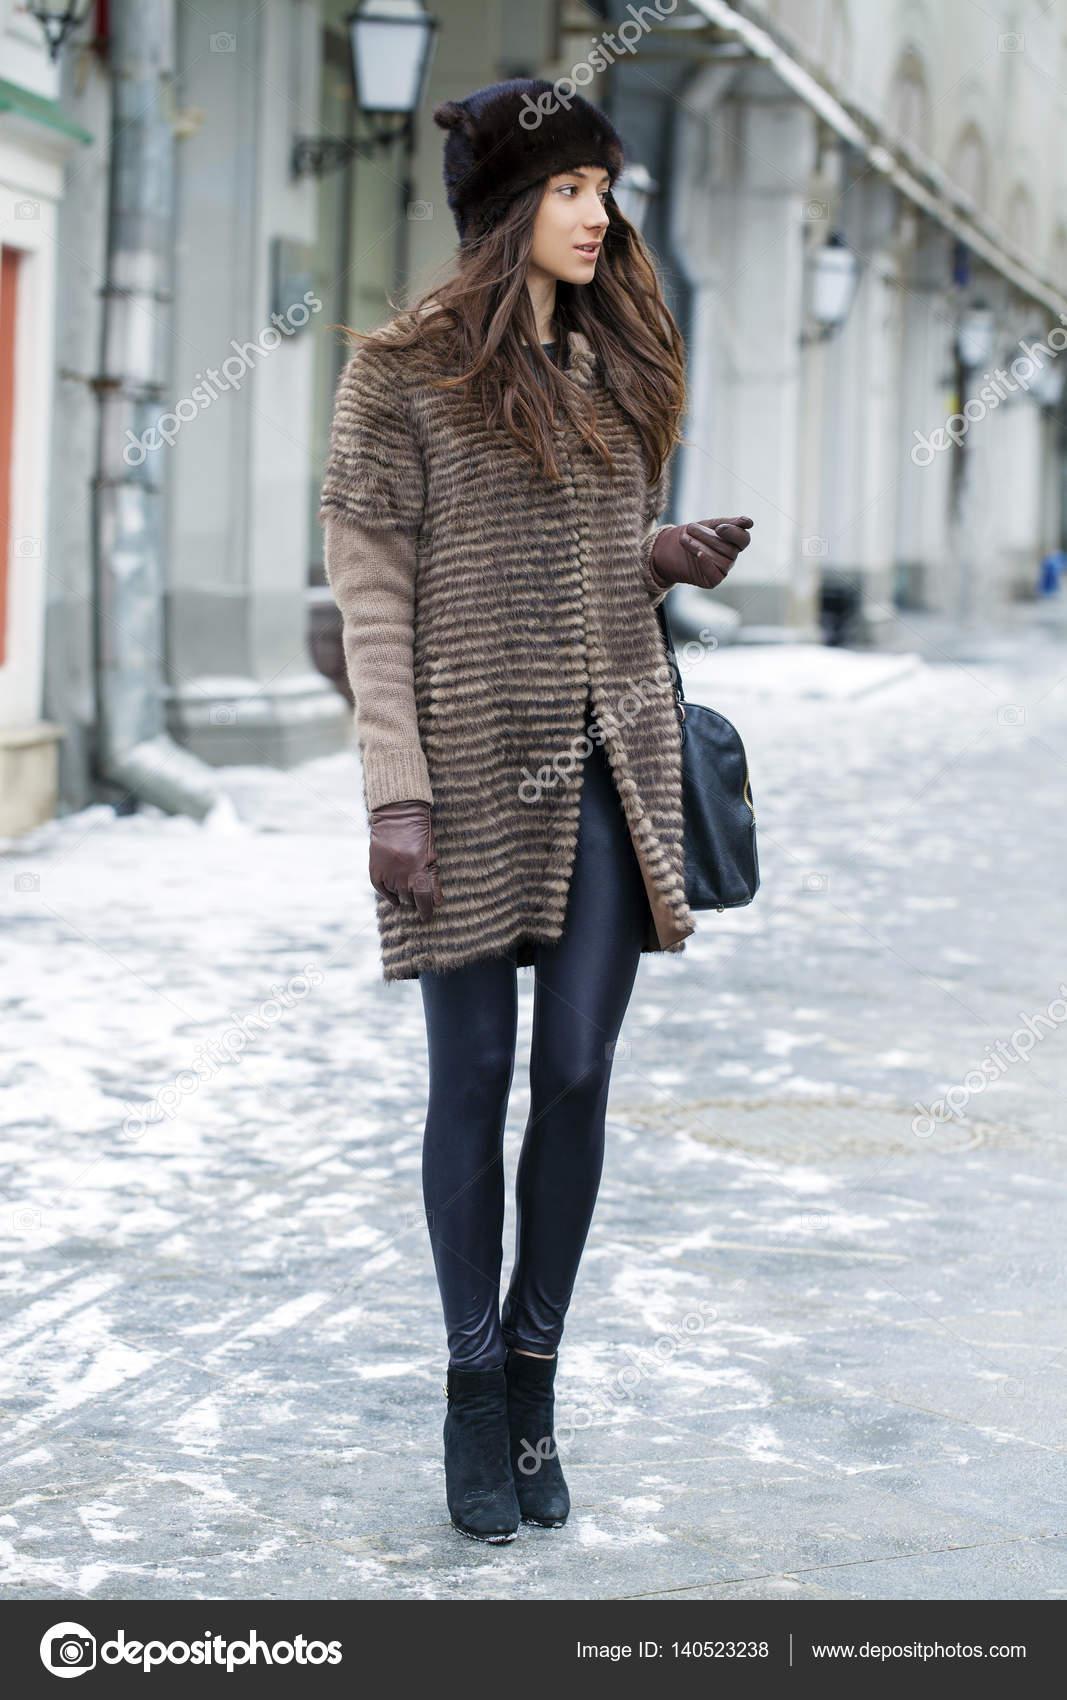 Joven mujer de en estilo hermosa abrigo con visón 1AqS1